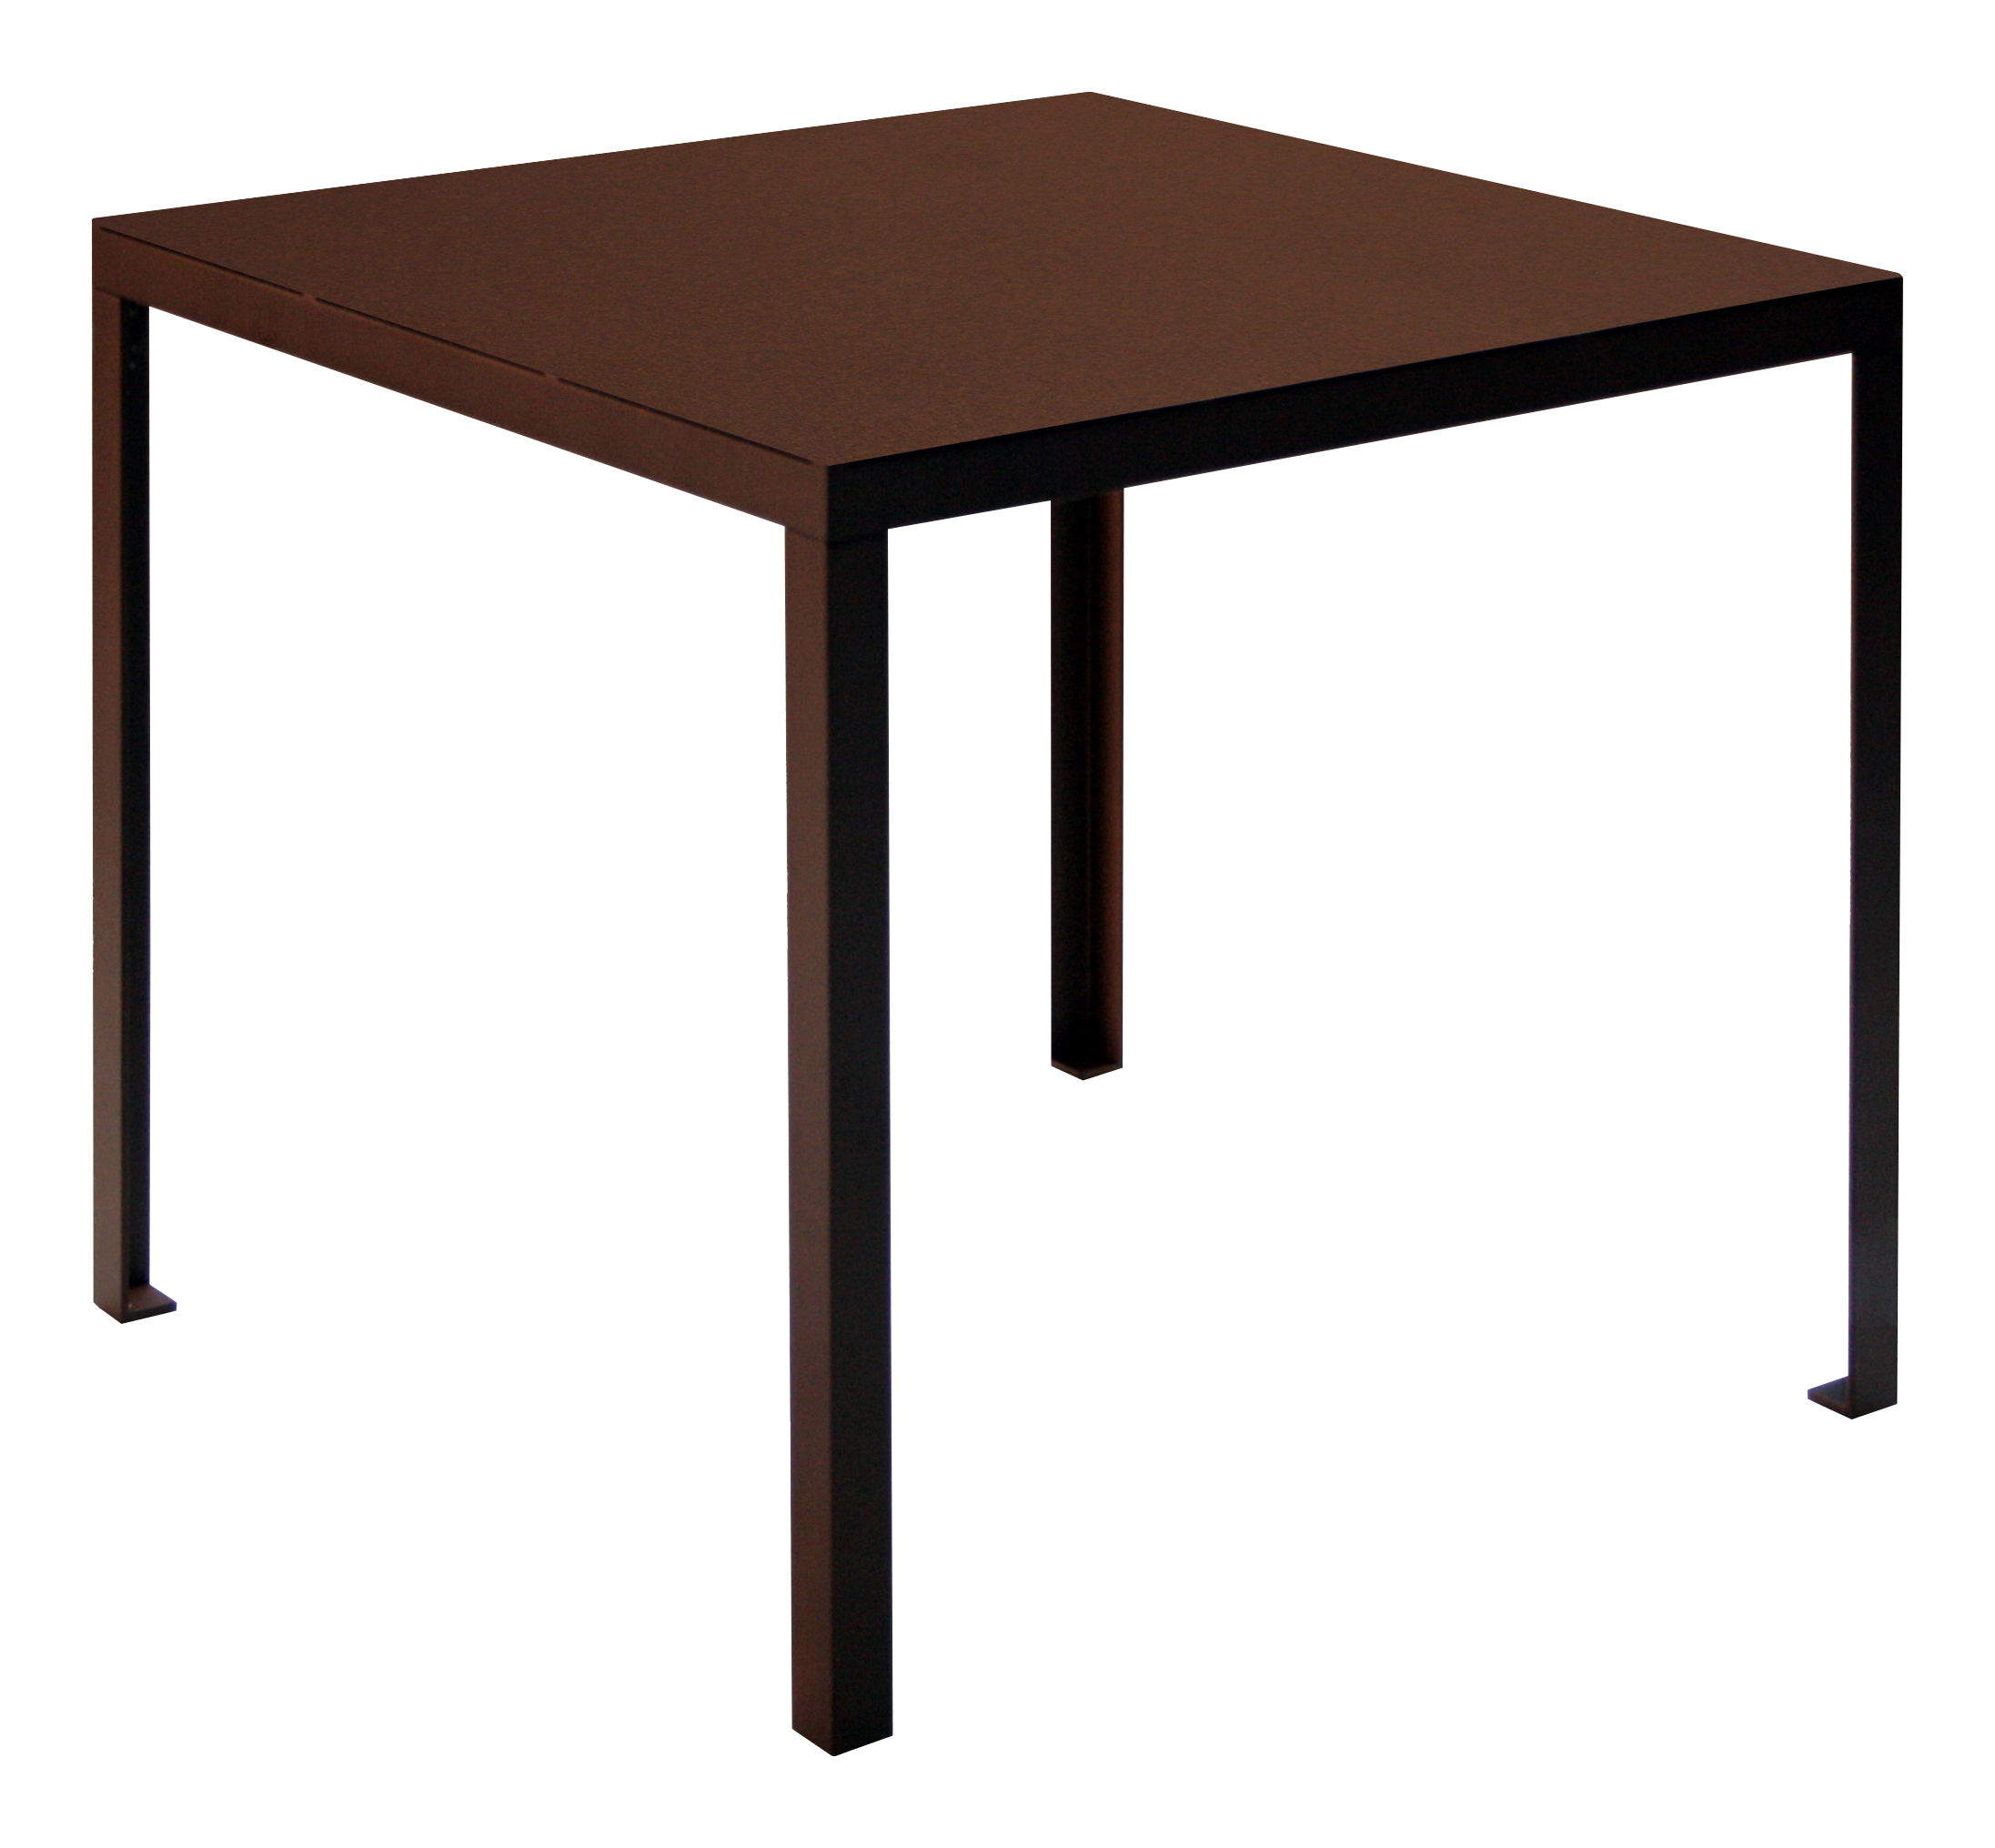 Outdoor - Tables de jardin - Table carrée Rusty / 80 x 80 cm - Zeus - Rouille - 80 x 80 cm - Acier peint